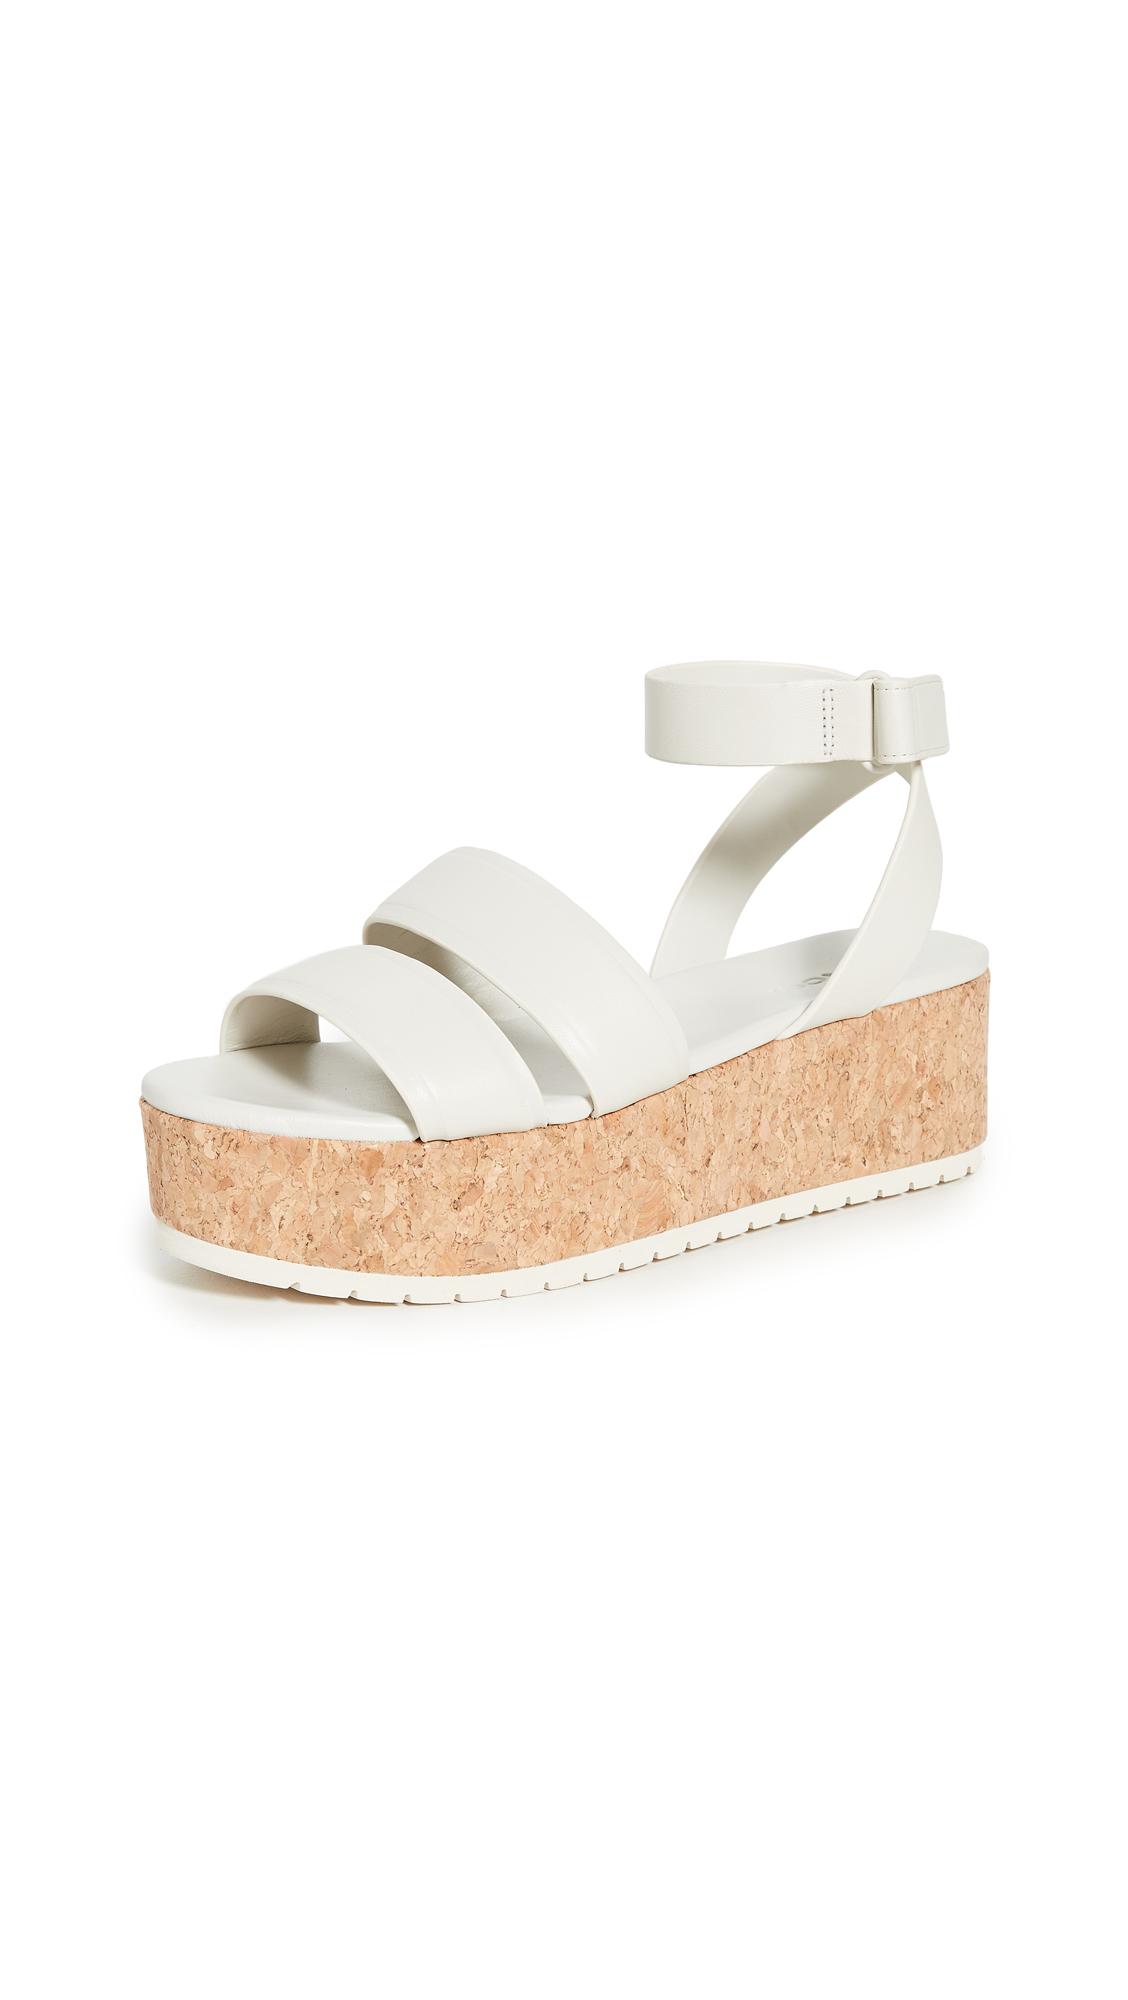 Buy Vince Jet Sandals online, shop Vince